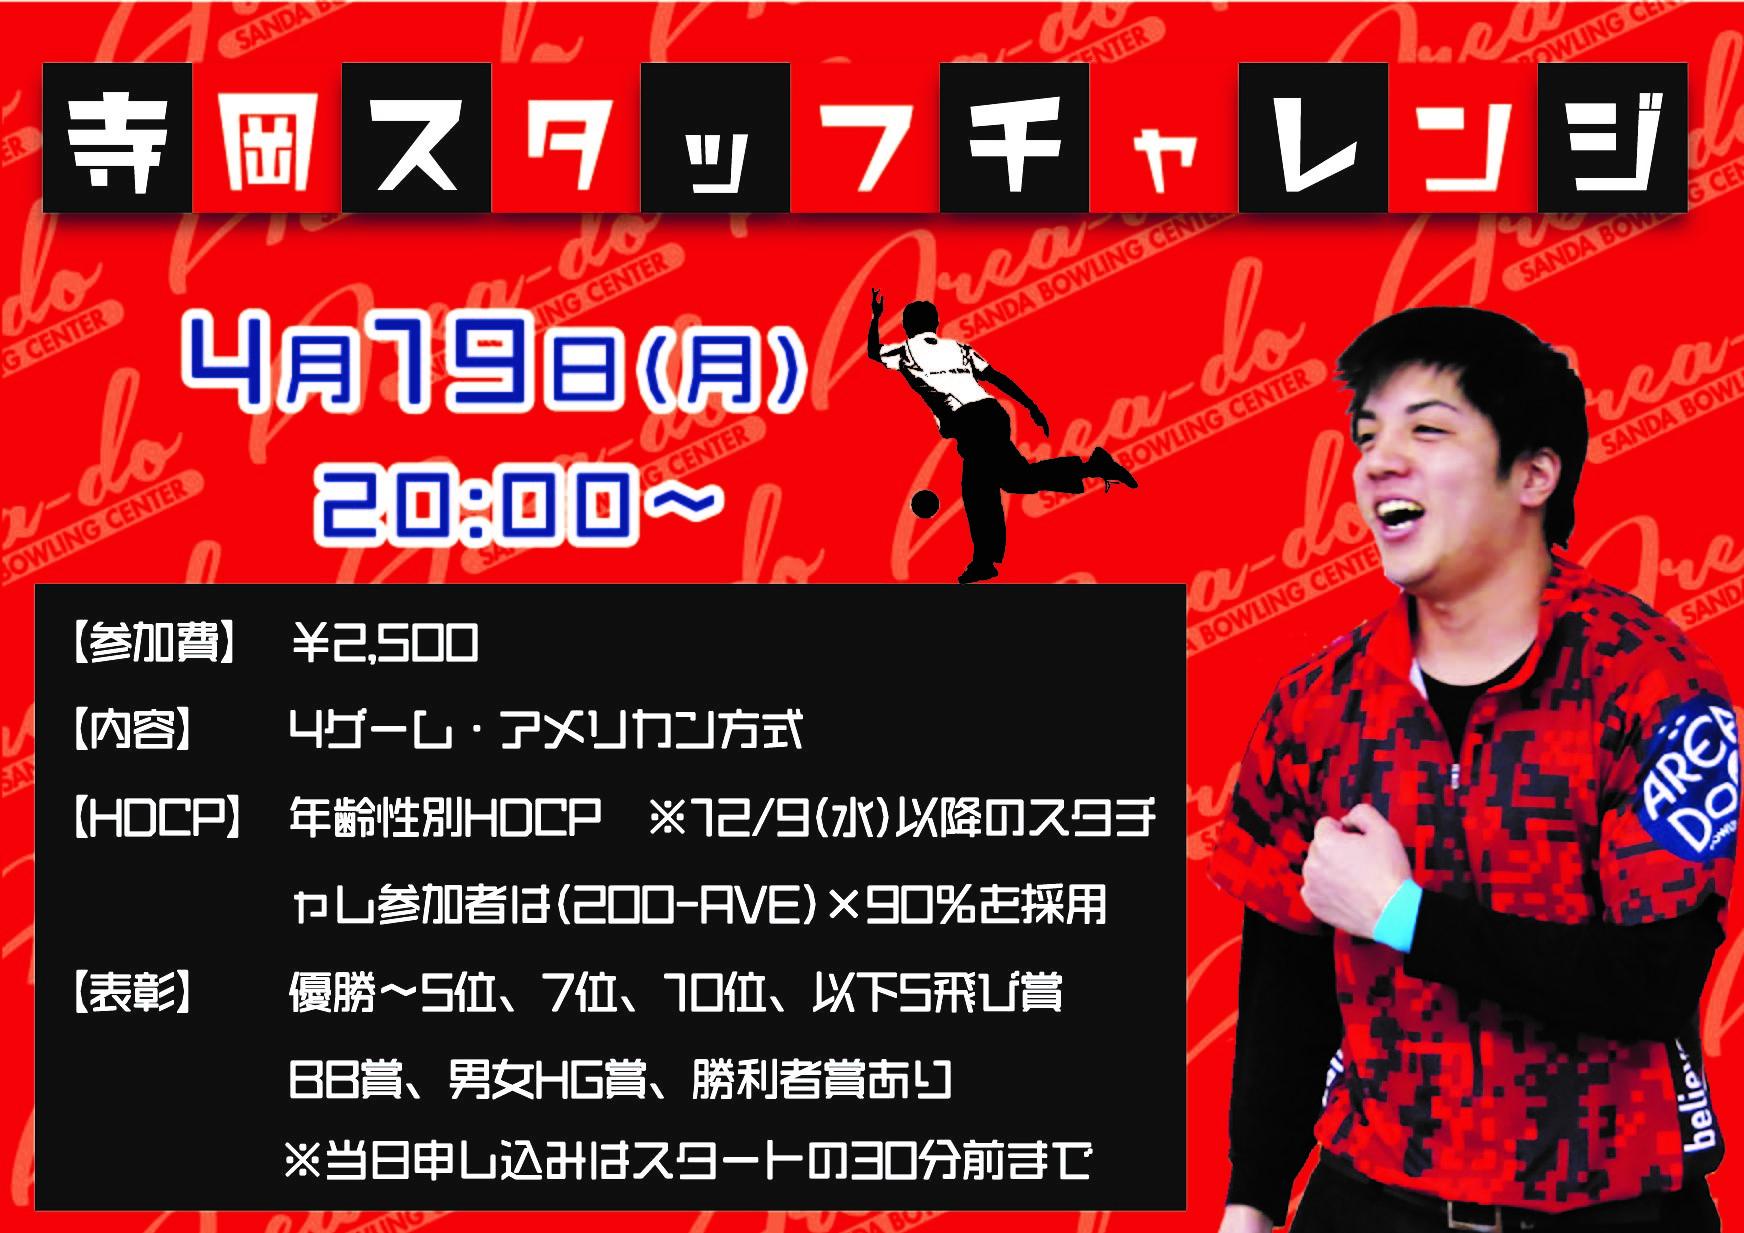 寺岡チャレンジヨコ2104